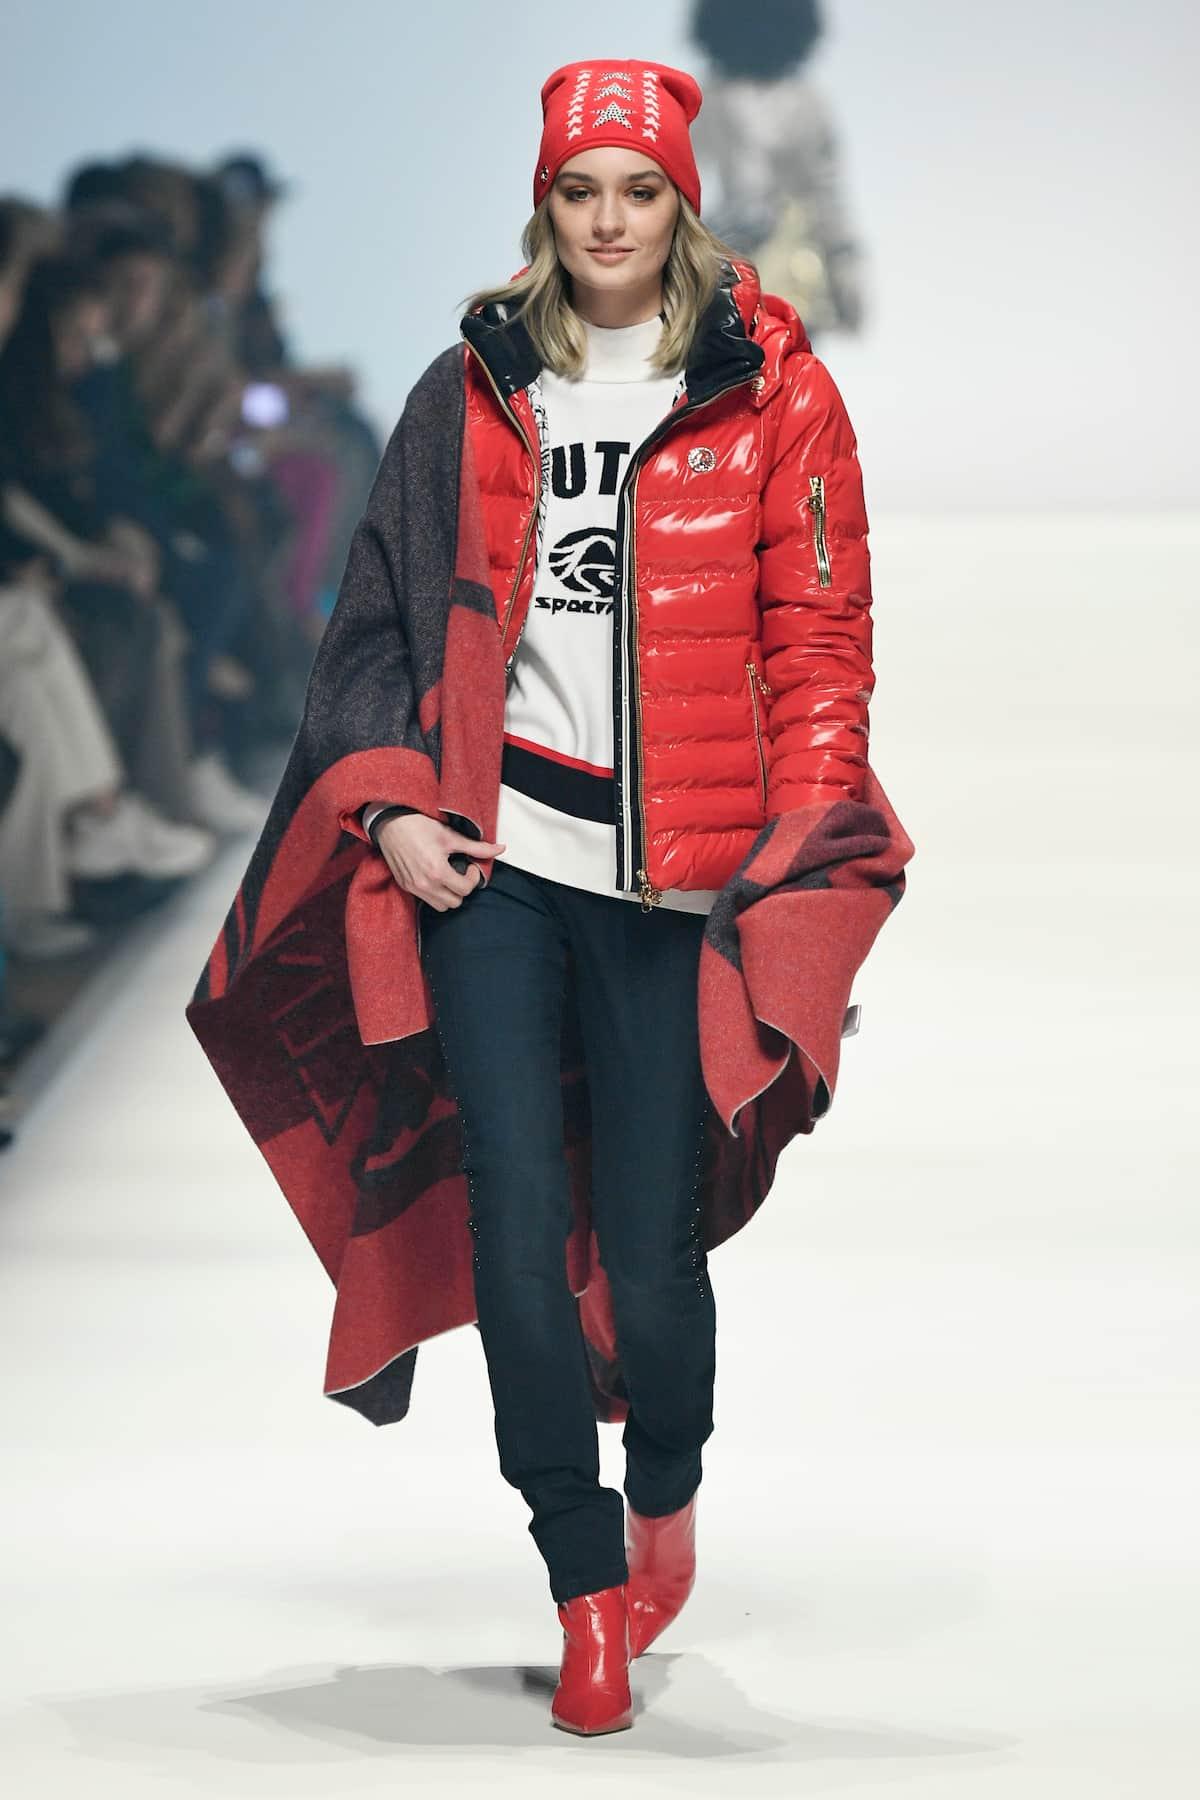 Ski- und Wintermode 2021 von Sportalm zur Fashion Week Berlin Januar 2020 - 3